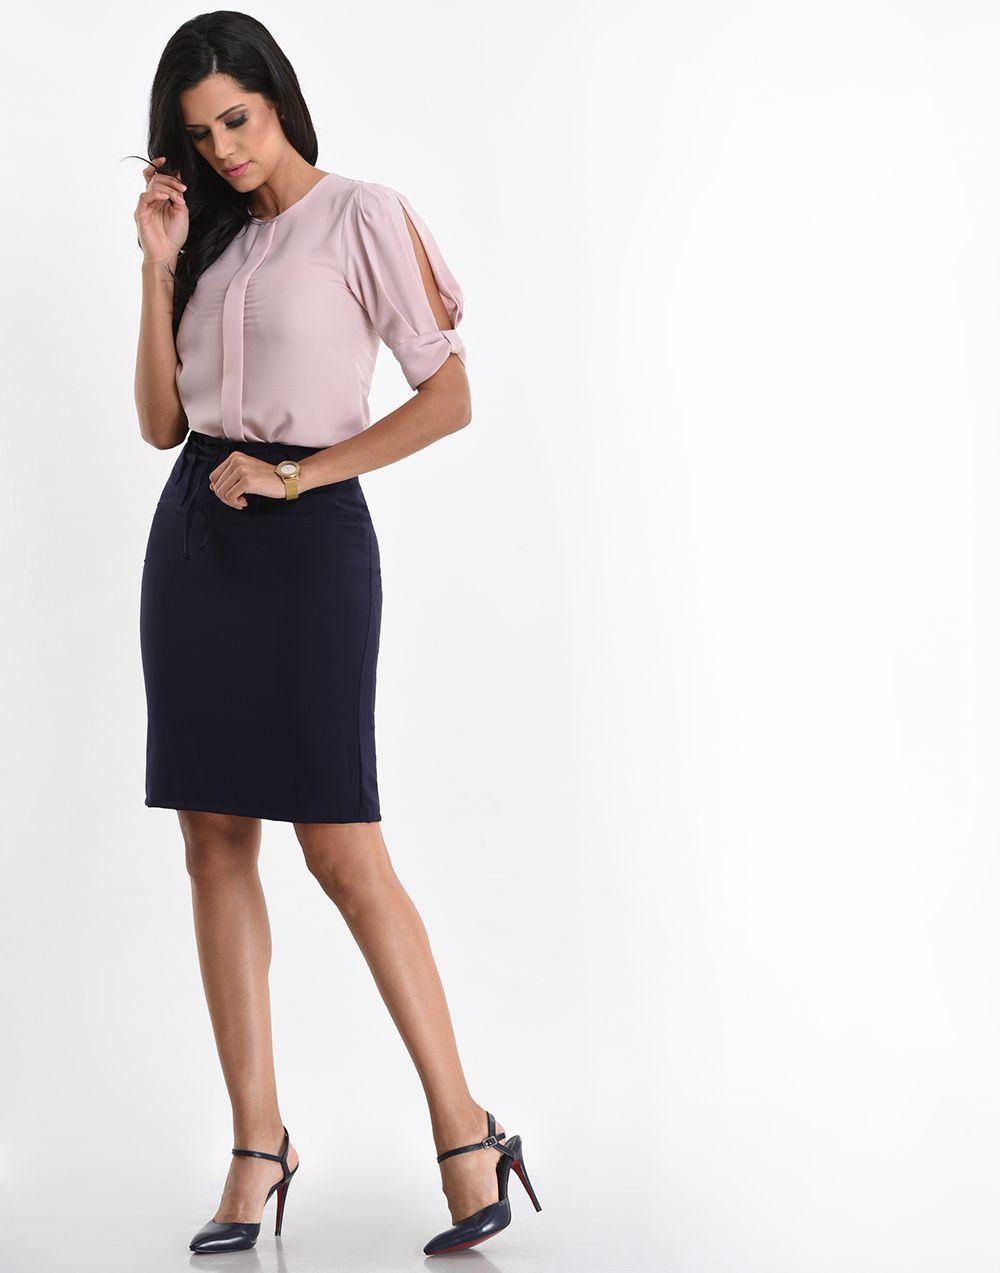 Modern Femme High Waist Skirt